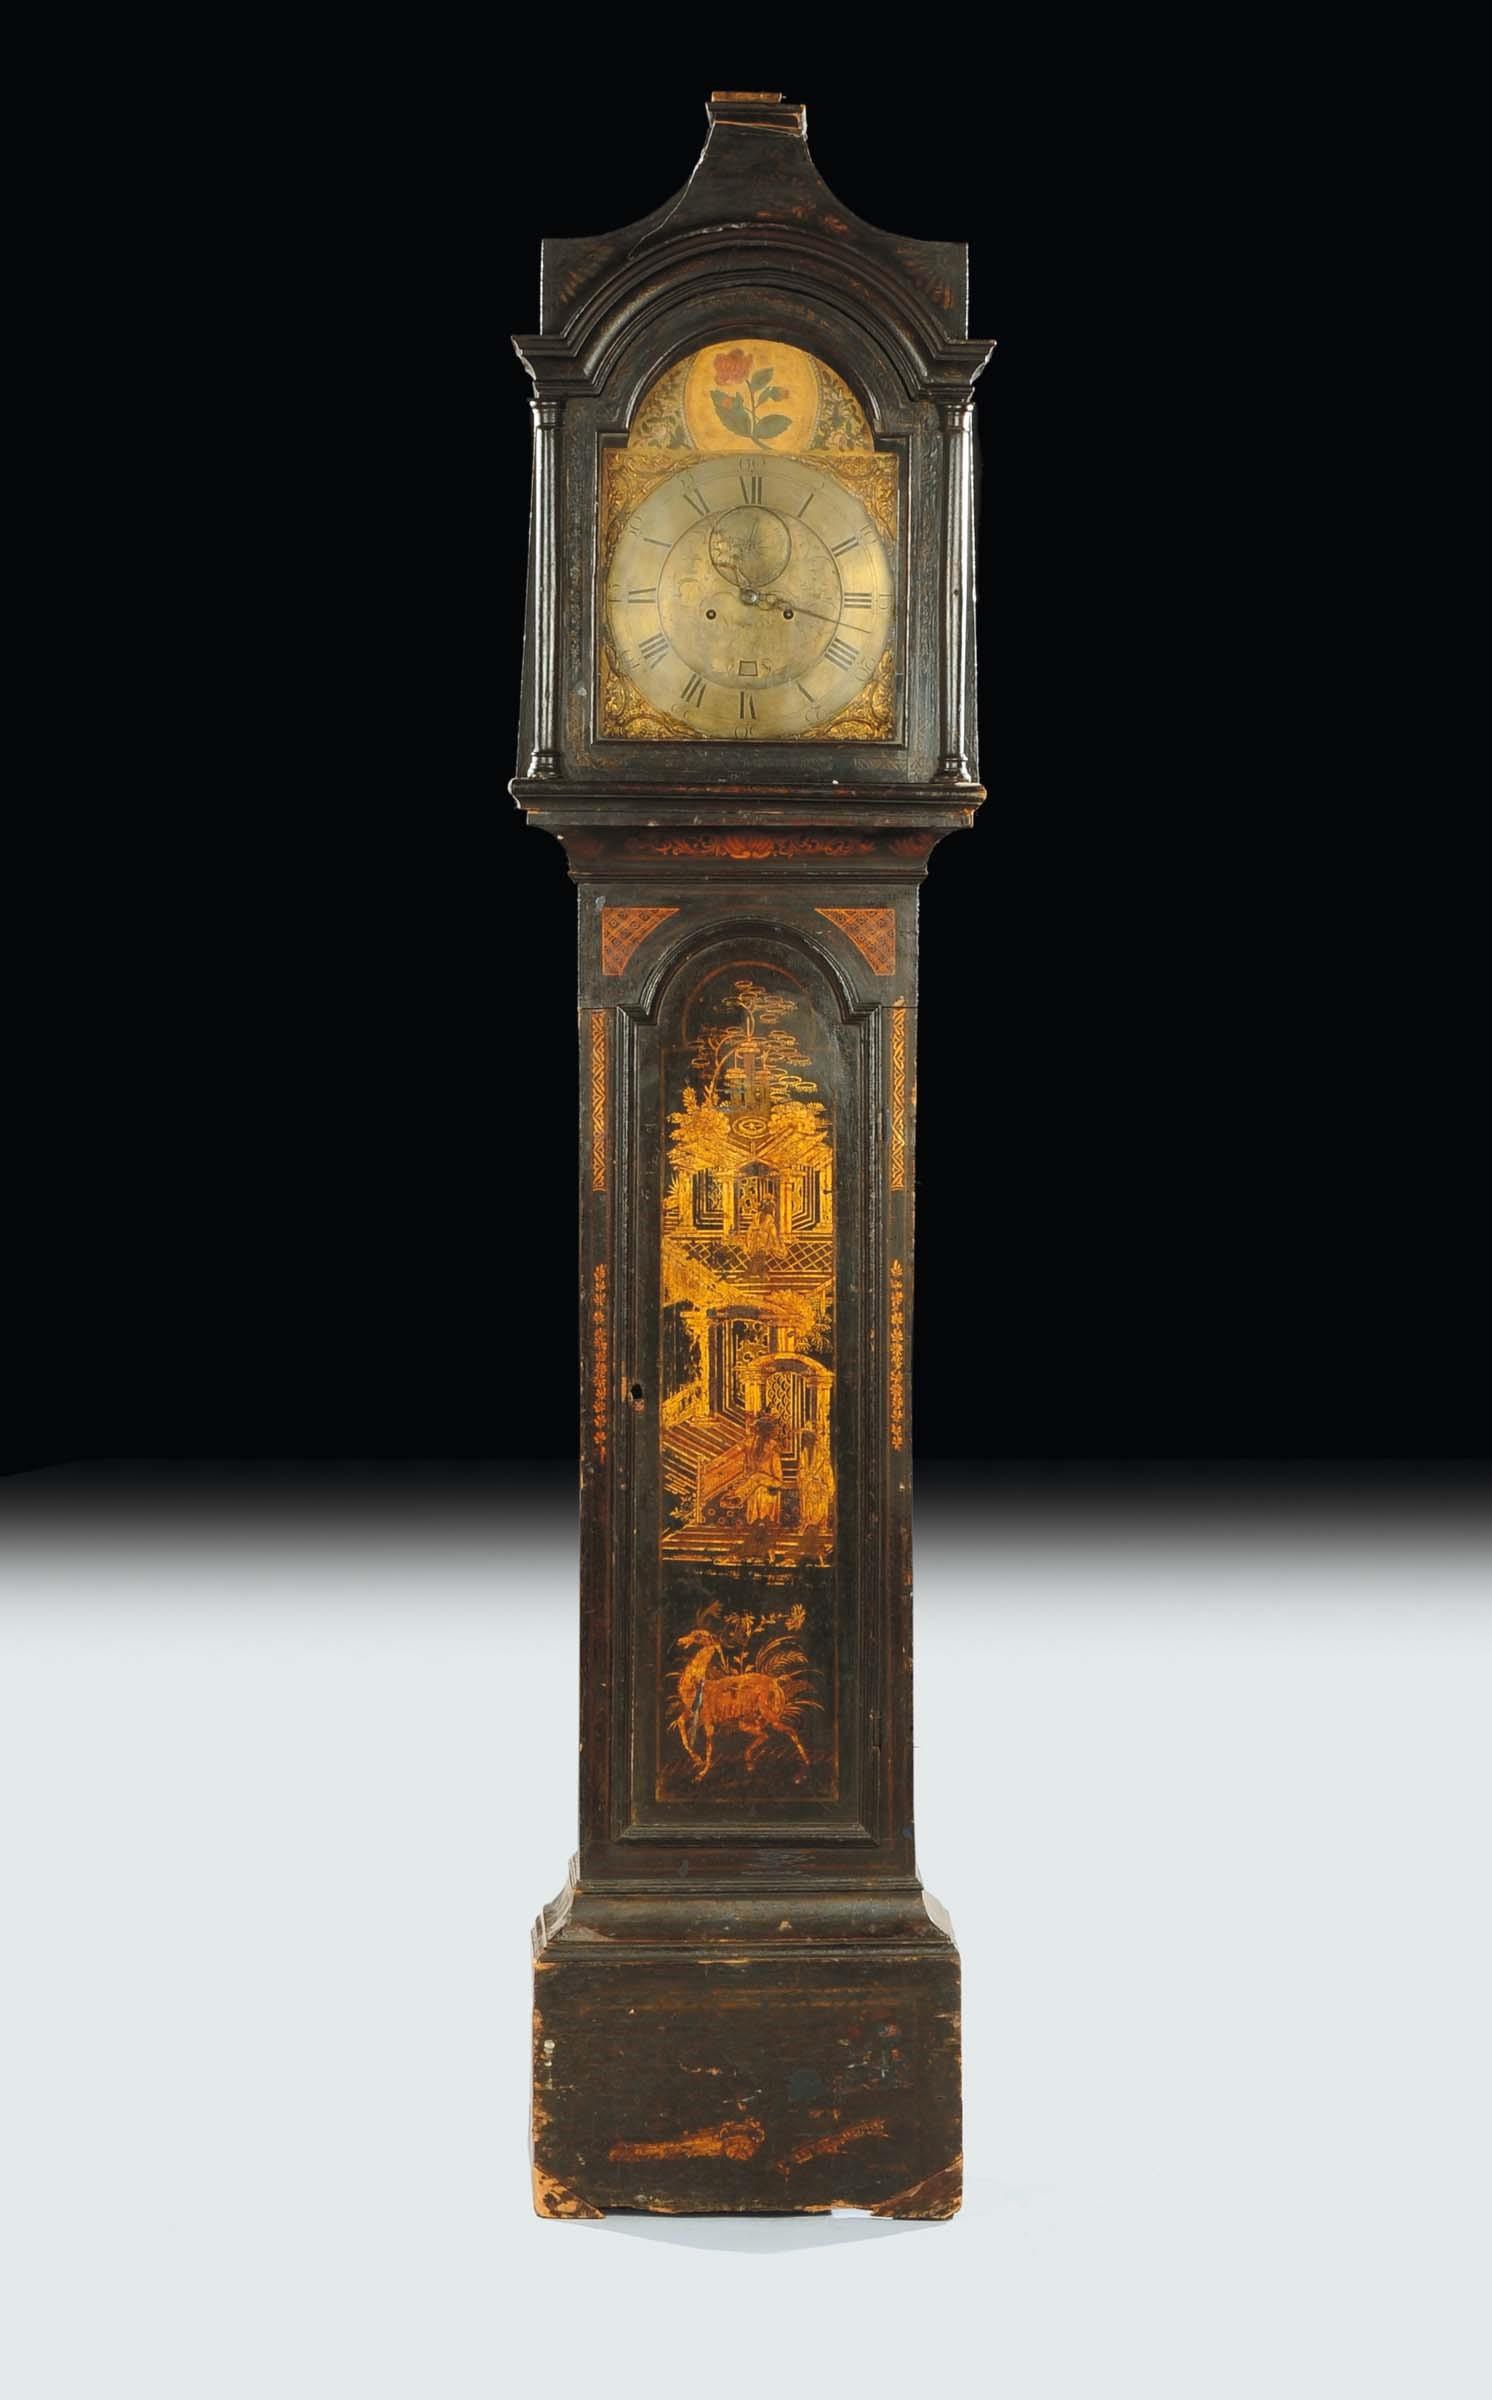 Orologi Antichi - Antiquares